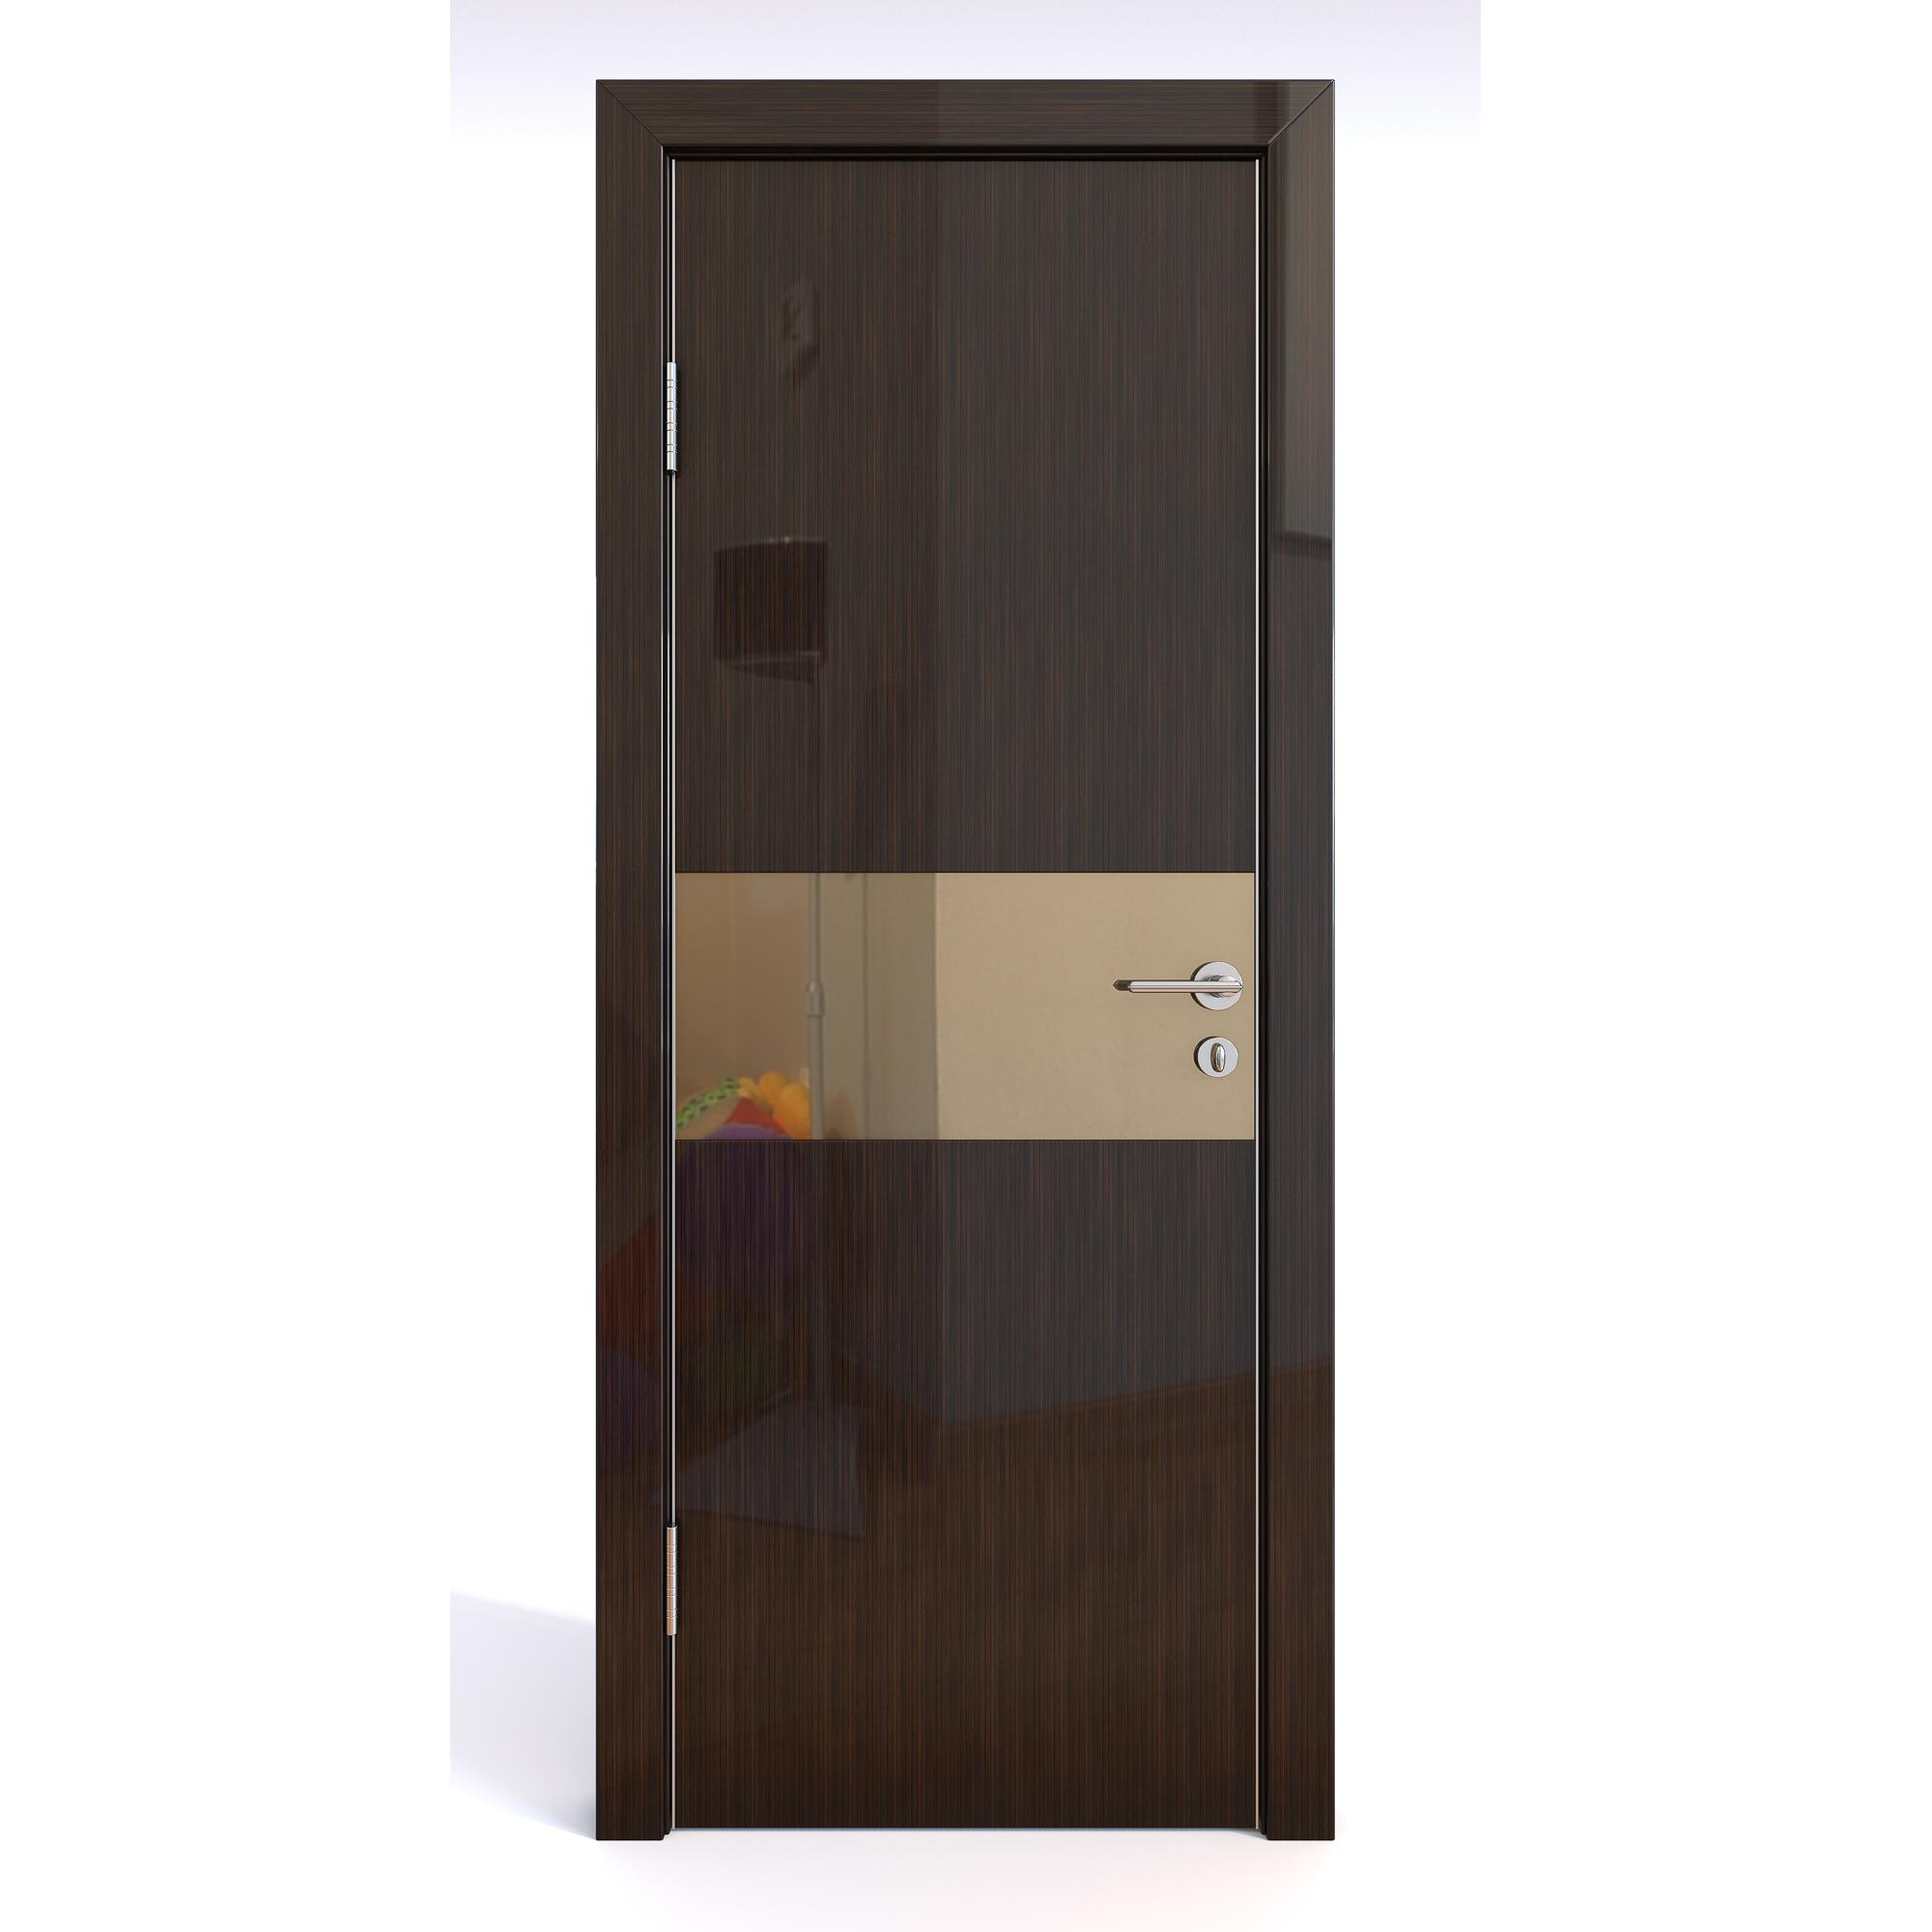 Межкомнатная шумоизоляционная дверь ДО-601/1 Венге глянец/бронза 200х70 фото